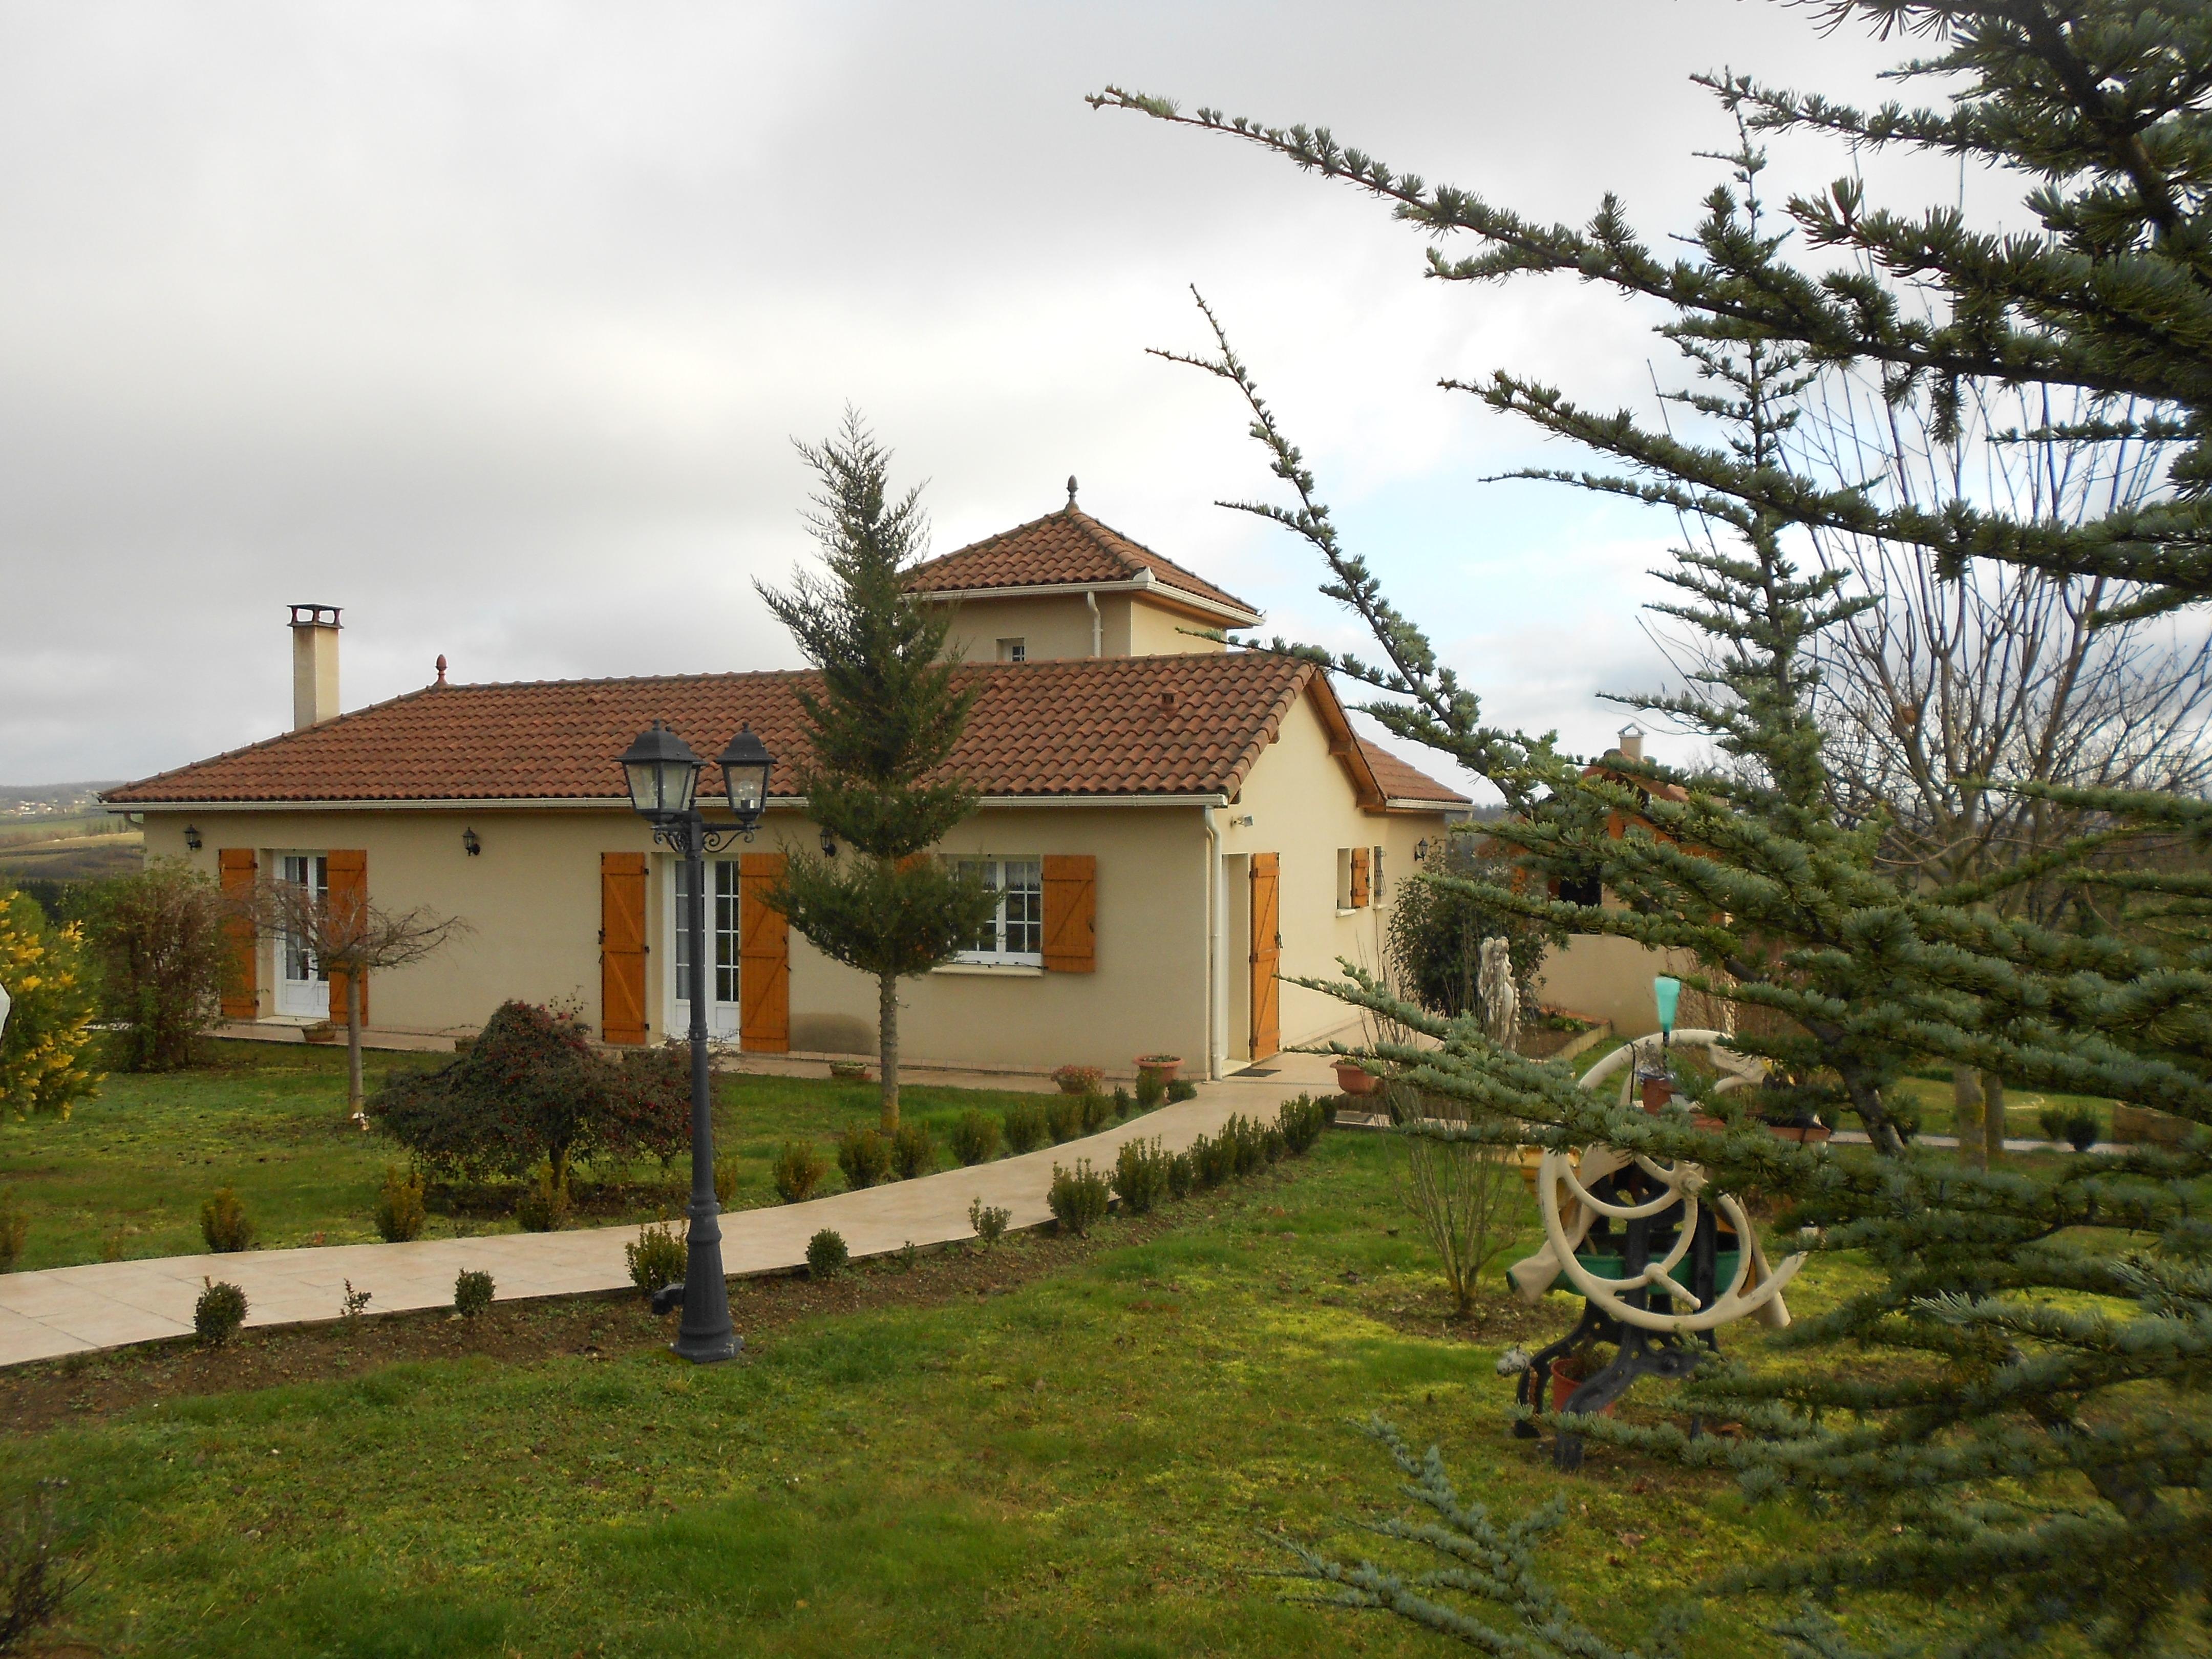 Villa récente à vendre à 5mn de Capdenac